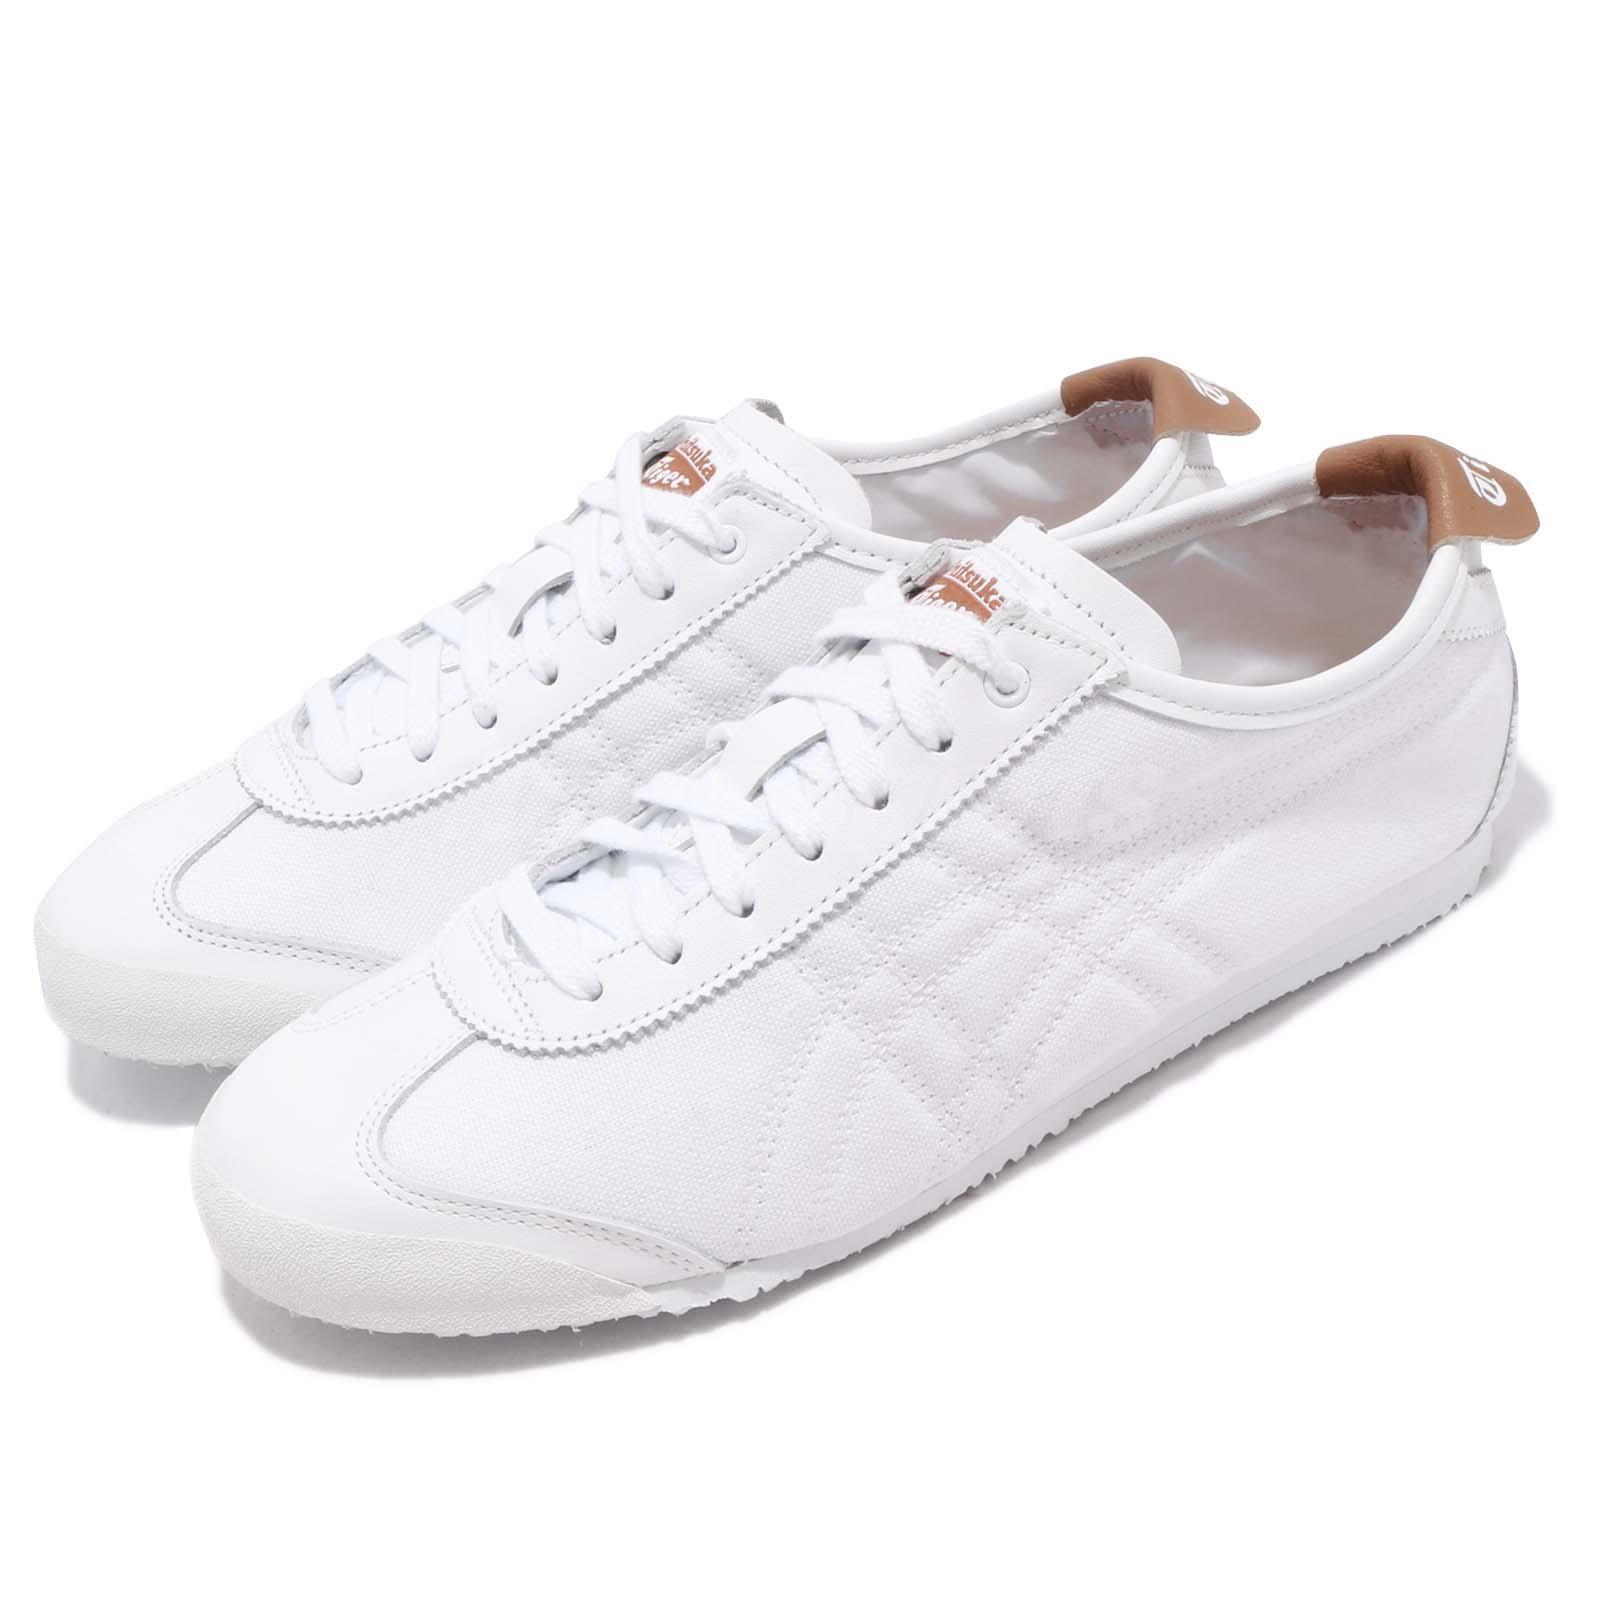 new style e7ee1 f1f8d Detalles acerca de Asics Onitsuka Tiger Mexico 66 Blanco Marrón Hombres  Running Zapatos TENIS D508K-0161- mostrar título original